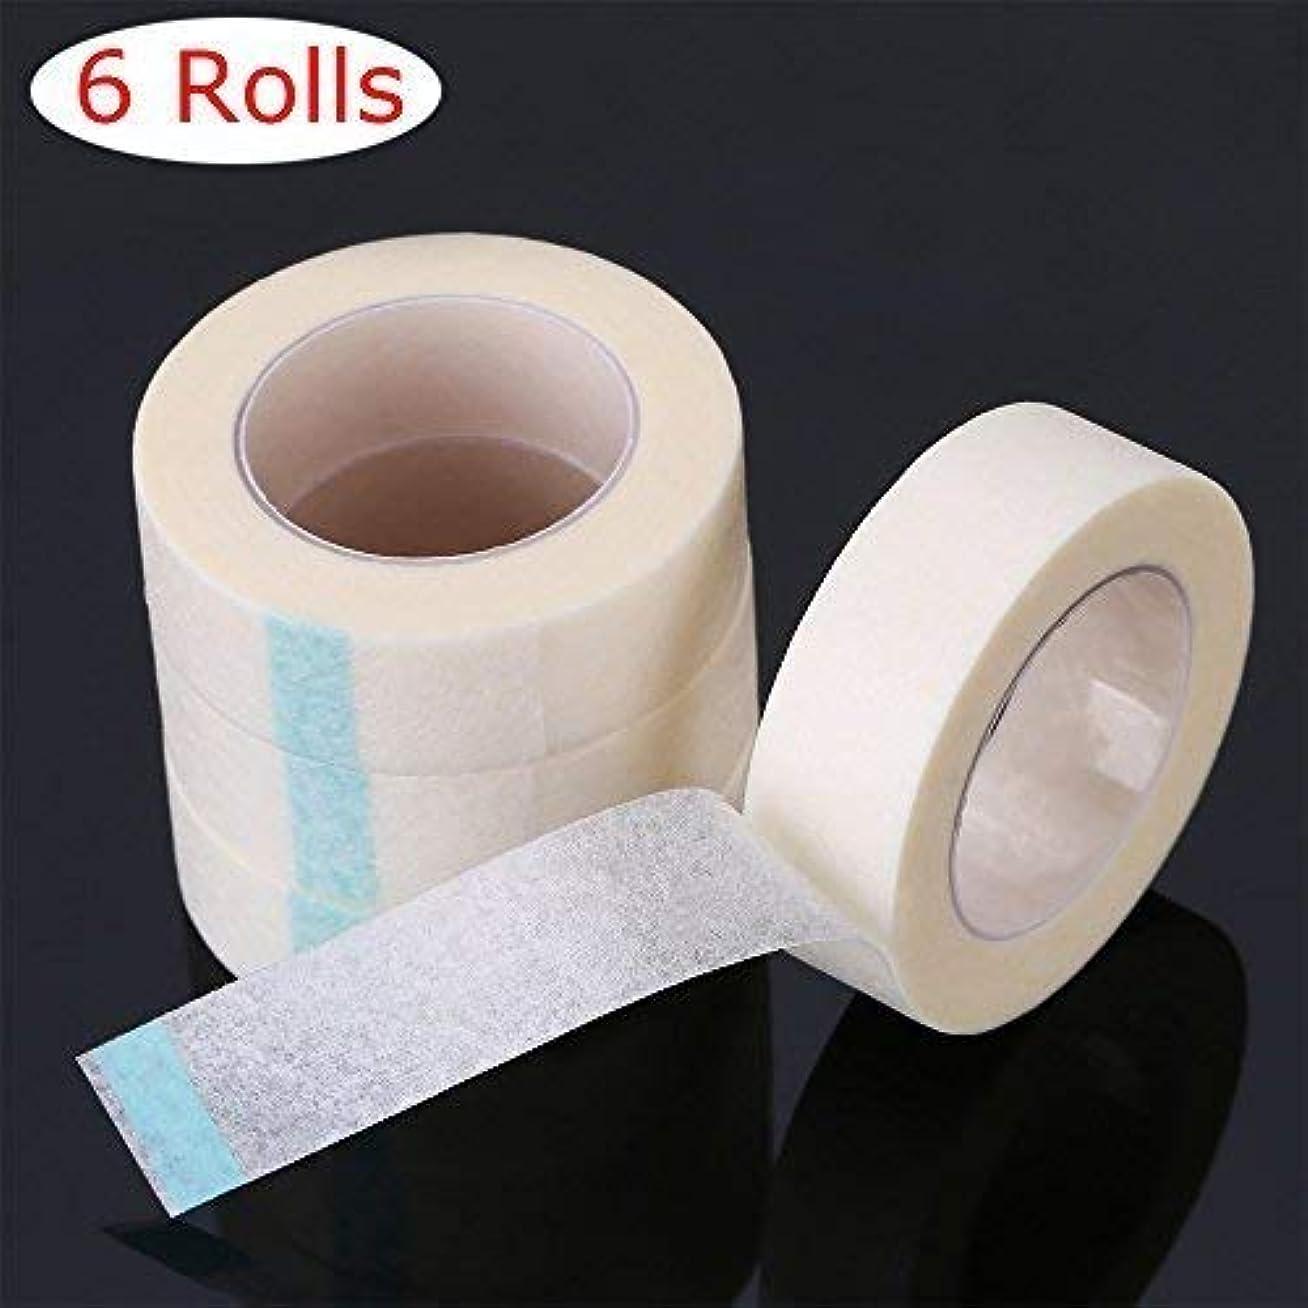 世界に死んだ腐敗したゴールATOMUS 6個 まつげテープ, まつげエクステ 下まつげ 保護テープ, 医療用テープまつげ拡張子, 低刺激 まつげエクステテープ